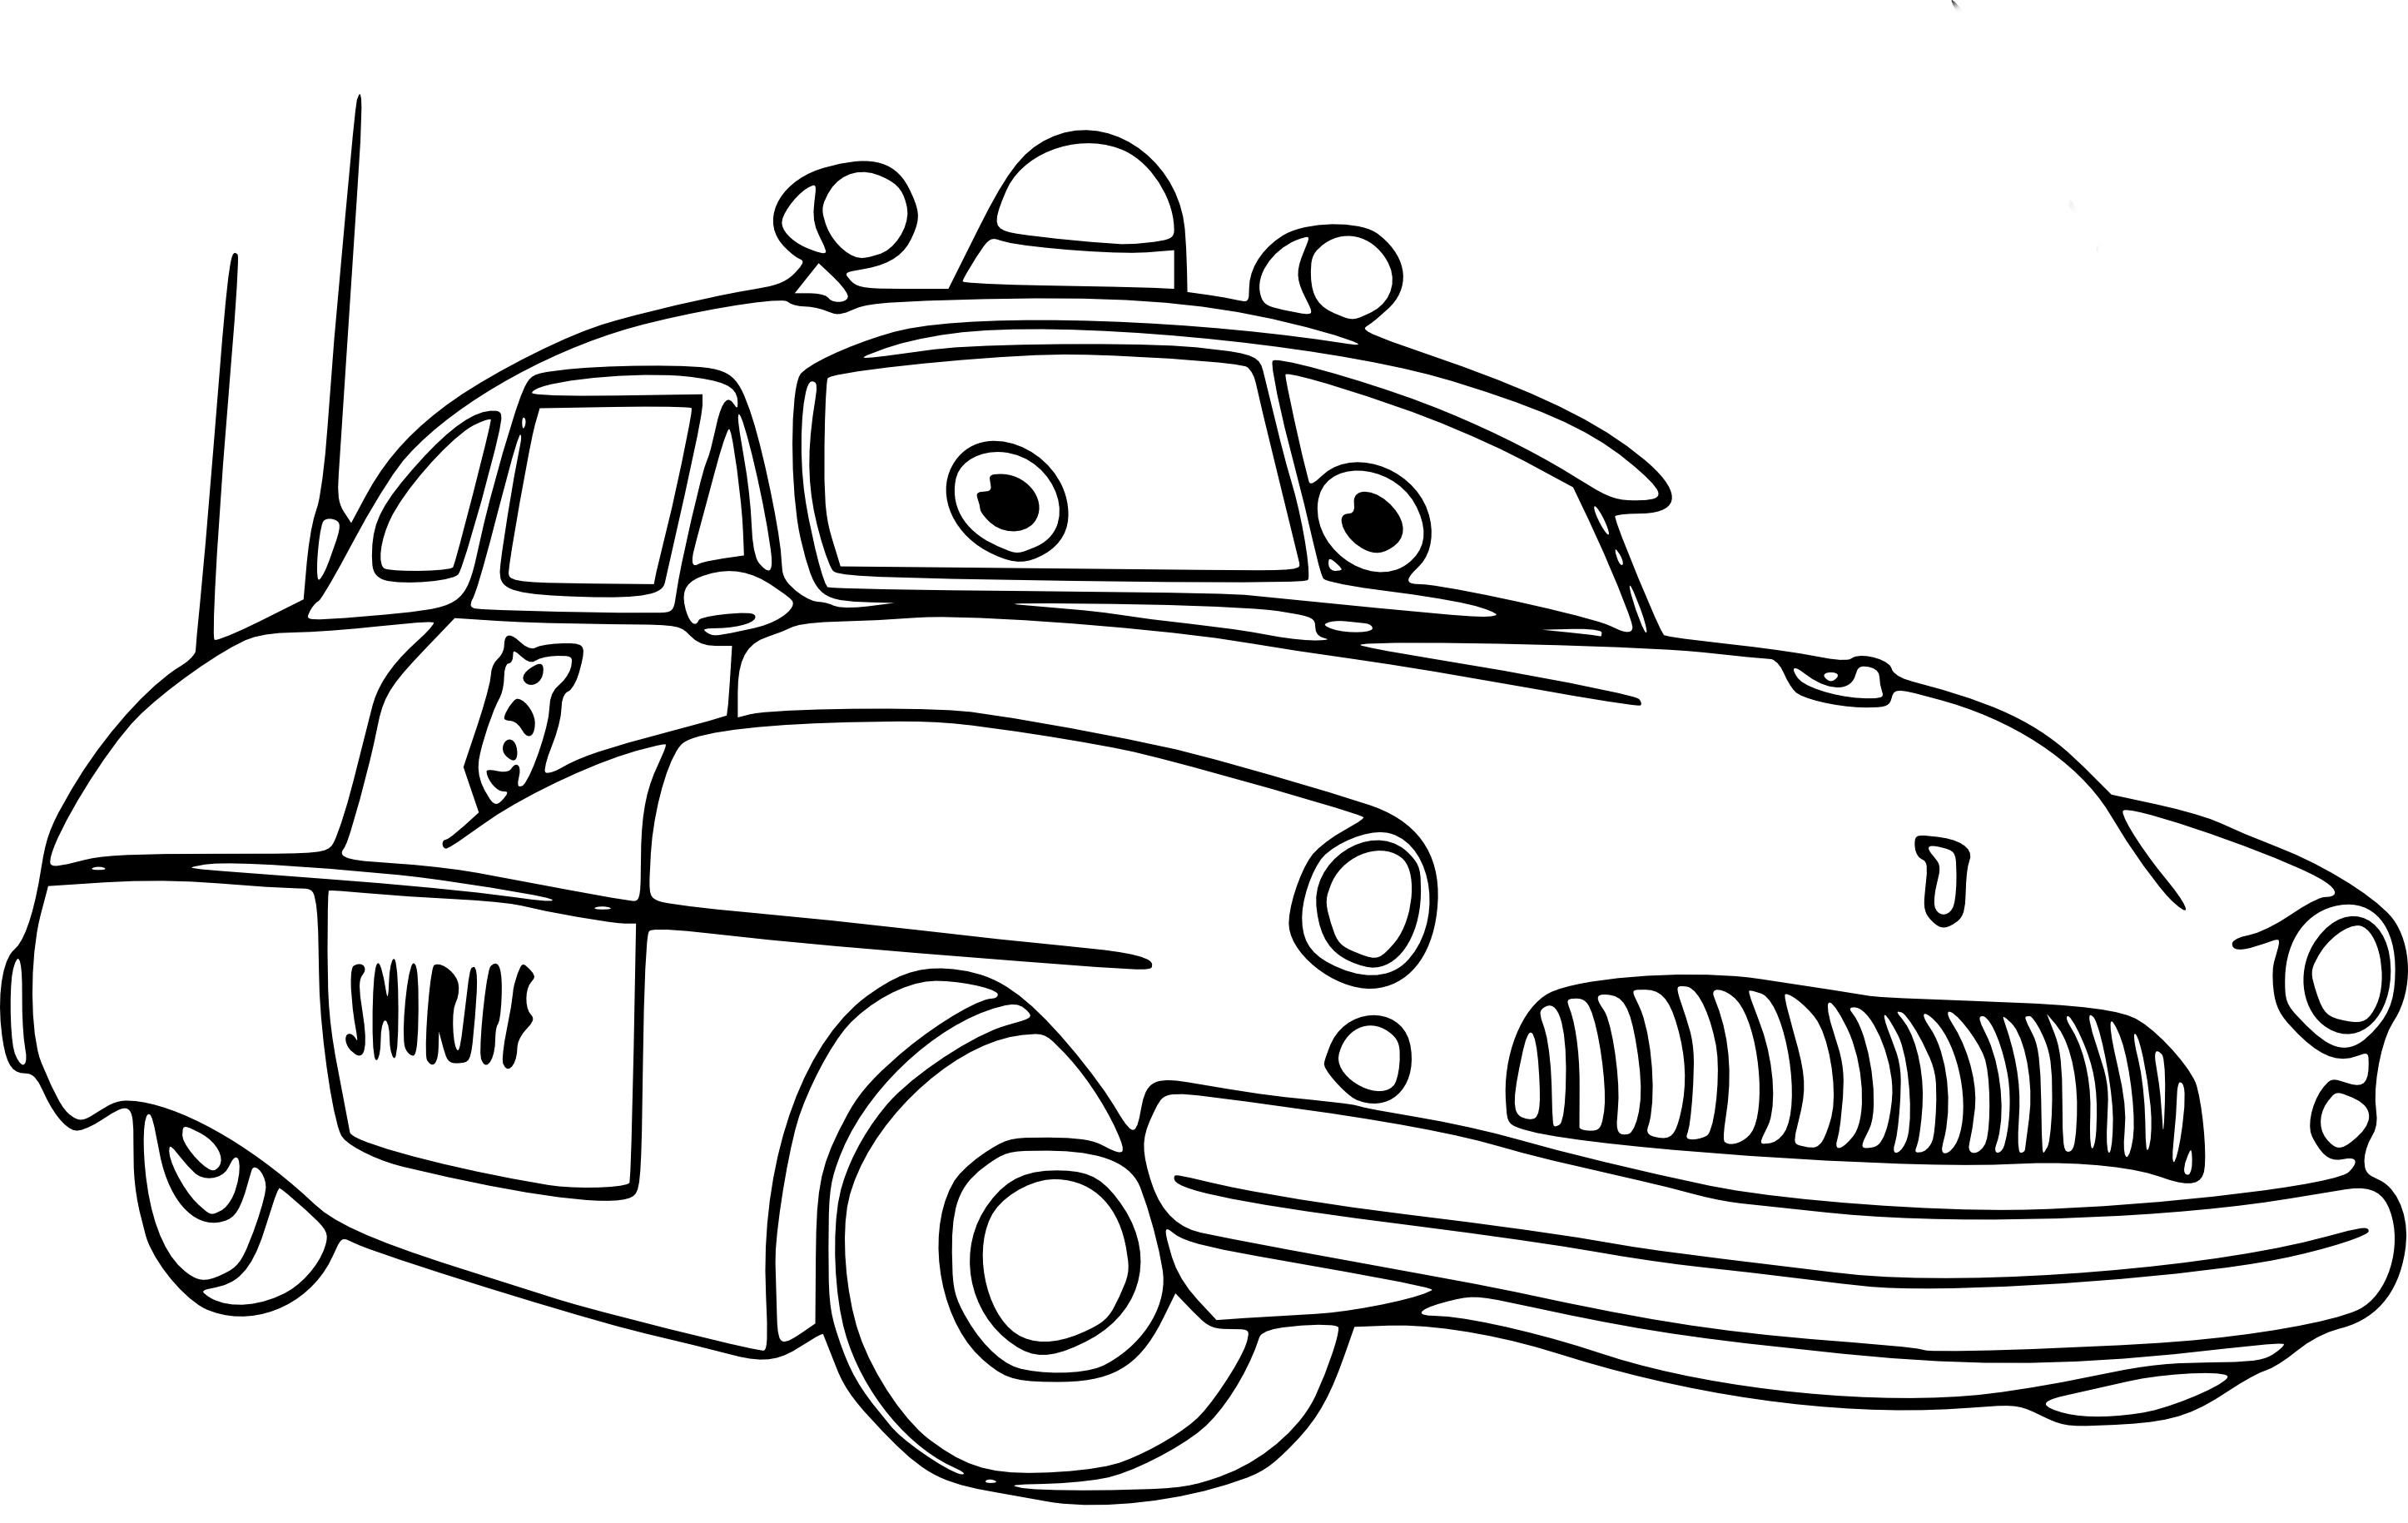 Coloriage Sheriff (Cars) À Imprimer Et Colorier encequiconcerne Dessin A Imprimer Gratuit Cars